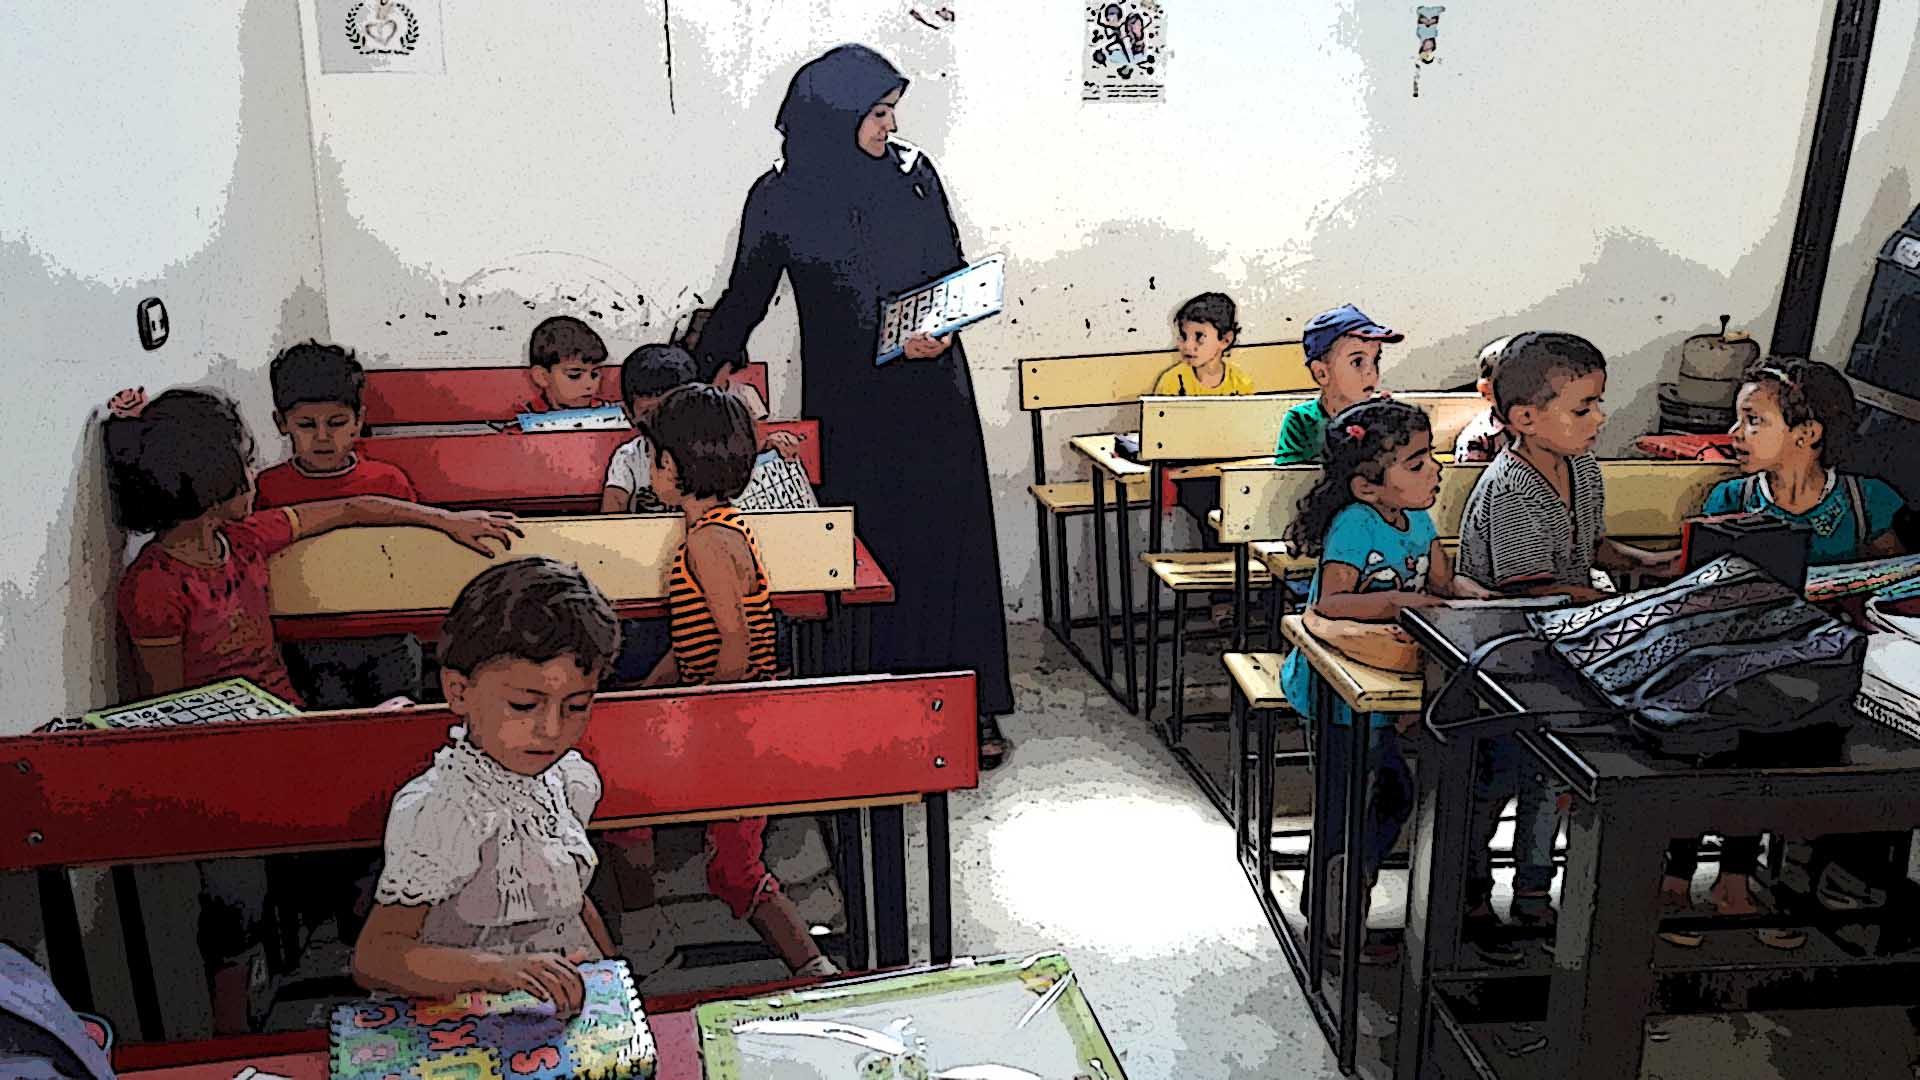 معلمات رياض الأطفال وأدوارهن في المناطق المحررة